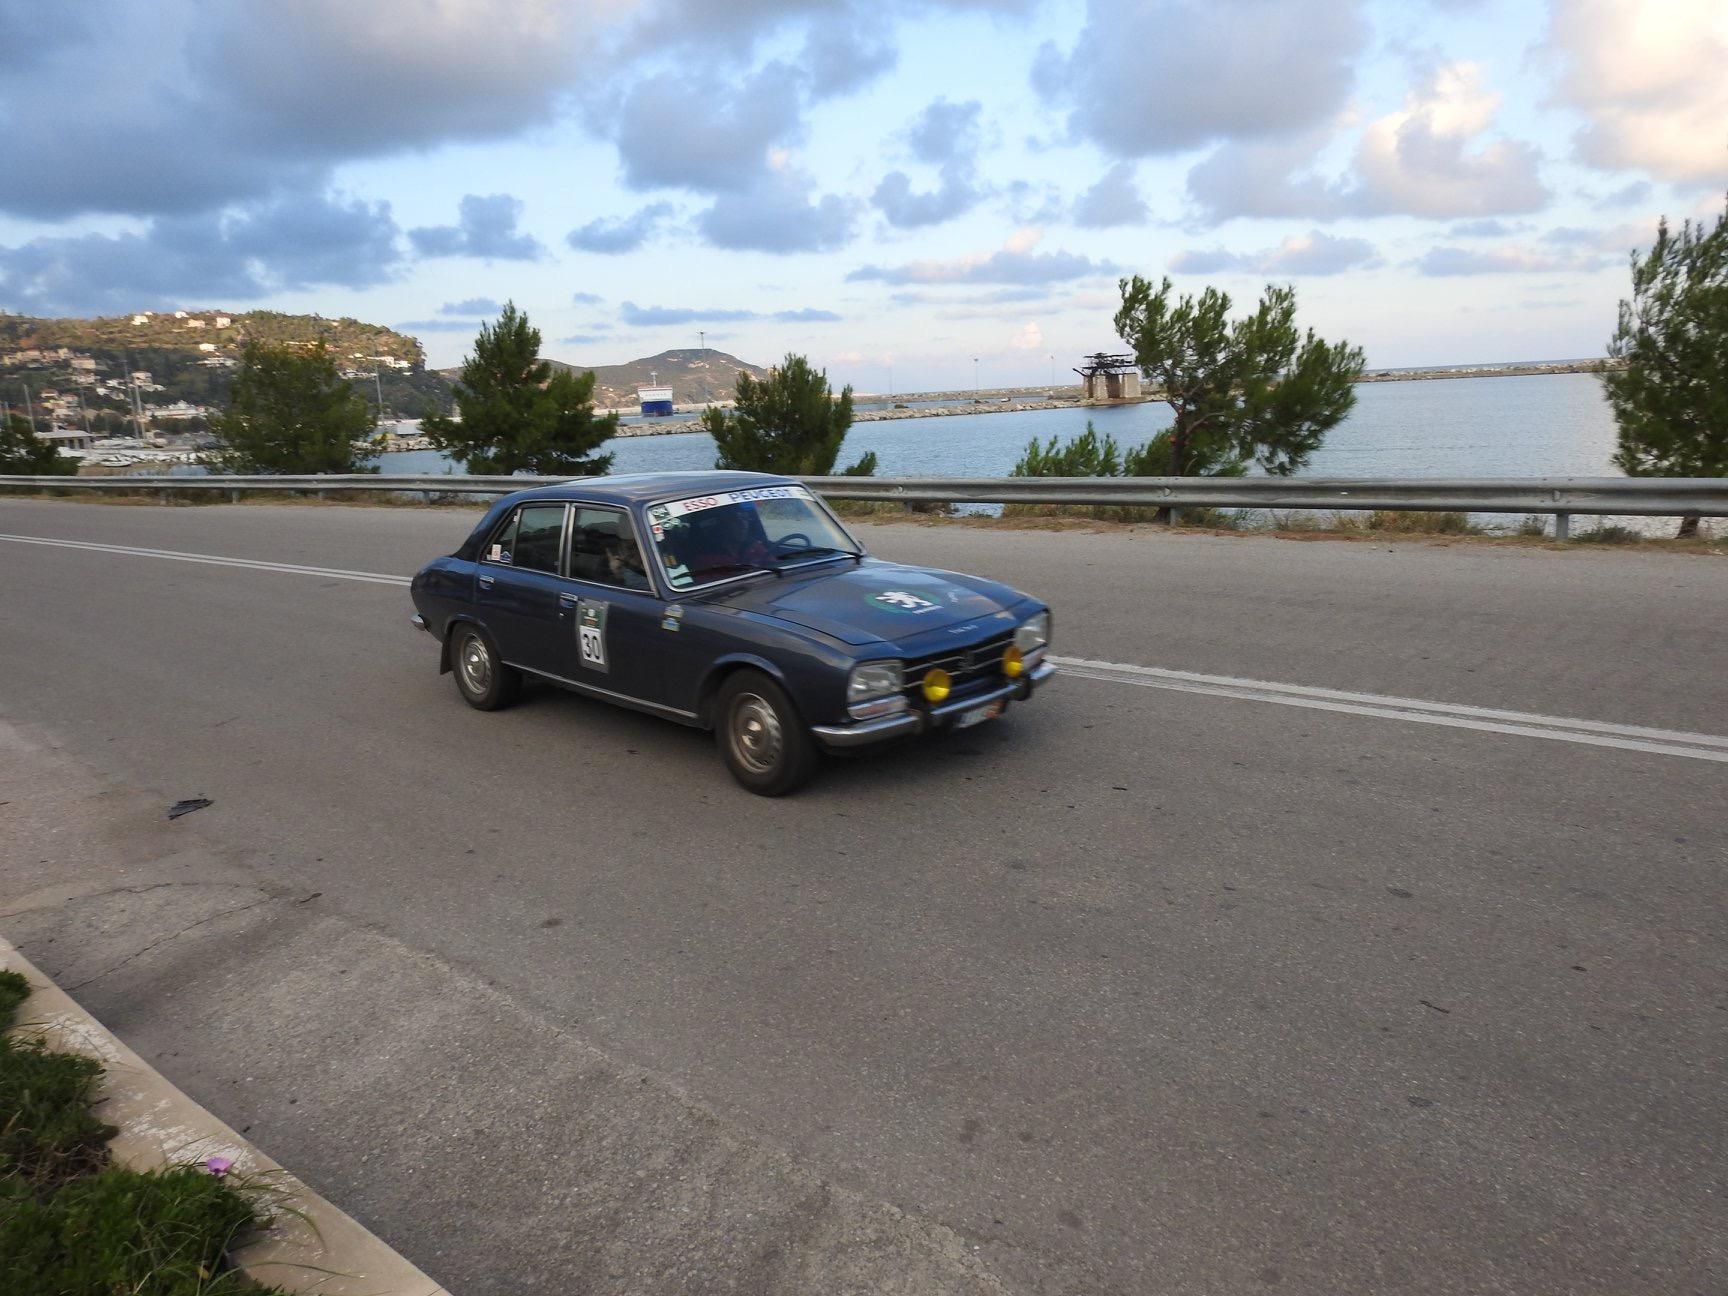 """Ολοκληρώθηκε με μεγάλη επιτυχία το Χειμερινό Ράλλυ της ΦΙΛΠΑ «Γιώργος Ραπτόπουλος», το τελευταίο ράλλυ της λέσχης για το 2018. Οι 62 συνολικά συμμετέχοντες - 38 στο regularity και 24 στο Touring, έλαβαν εκκίνηση στα Σ.Ε.Α. Καπανδριτίου 31ο χλμ. Ε.Ο. Αθηνών - Λαμίας και κατευθύνθηκαν για το 1ο σκέλος προς Χαλκίδα, Νέα Αρτάκη και τα όμορφα χωριά Πίσσωνας, Βουνοί, Καθενοί για να καταλήξουν στην Στενή όπου σταμάτησαν για το μεσημεριανό γεύμα. Το απογευματινό σκέλος οδήγησε τους συμμετέχοντες μέσα από τους Στρόπωνες και το Μετόχι για να καταλήξουν στην Κύμη στο άνετο, πολυτελές 4στερο ξενοδοχείο Kymi Palace Hotel όπου έγινε η διανυκτέρευση. Η δεύτερη μέρα ξεκίνησε συναρπαστικά με την «Σούπερ Ειδική», τη διάσημη ανάβαση Κύμης. Η ΦΙΛΠΑ, με την βοήθεια του Δήμου Κύμης και της Αστυνομίας εξασφάλισε να κλείσει ο δρόμος για την διάρκεια της ανάβασης γεγονός που έκανε την διαδρομή για τους συμμετέχοντες μια αξέχαστη εμπειρία! Η συνέχεια οδήγησε τα πληρώματα σε μια όμορφη διαδρομή για τις τελευταίες Ειδικές Διαδρομές στη ανατολική Εύβοια και το όρος Δίρφυ και επιστροφή στην παραλία της Κύμης. Το γεύμα gala και η απονομή έγιναν στο ξενοδοχείο Kymi Palace Hotel. Στη εκδήλωση οι συμμετέχοντες είχαν την επιλογή να συμμετάσχουν σε μία από 3 κατηγορίες: την κλασσική Regularity που χωρίζεται σε «κόκκινους» με «σβέλτες» ειδικές δοκιμασίες (με ταχύτητες που δεν ξεπερνούν τα 50 ΜΩΤ), τους «πράσινους» με λίγο χαμηλότερες ΜΩΤ σε ορισμένες Ειδικές Δοκιμασίες και την κατηγορία Touring με λιγότερες ειδικές δοκιμασίες και χαμηλότερες ταχύτητες για αυτούς που απλά επιθυμούσαν να απολαύσουν μια ωραία βόλτα με το ιστορικό τους αυτοκίνητο. Στο ράλλυ μπορούσαν να συμμετάσχουν κλασσικά, ιστορικά αυτοκίνητα «αντίκες» ηλικίας από 30-100 ετών με κάρτα FIVA ή FIA καθώς και """"Youngtimers"""" ηλικίας 20 ετών. 1οι νικητές στη κατηγορία Regularity αναδείχτηκε το ζεύγος Μάνος και Μαρία Παλαβίδη με Renault 5 GT Turbo του 1985 με 7 βαθμούς ποινής, 2οι οι Λεωνίδας Νασόπουλος – Μιχάλης Καουτσκής με Peugeot 504 του 19"""